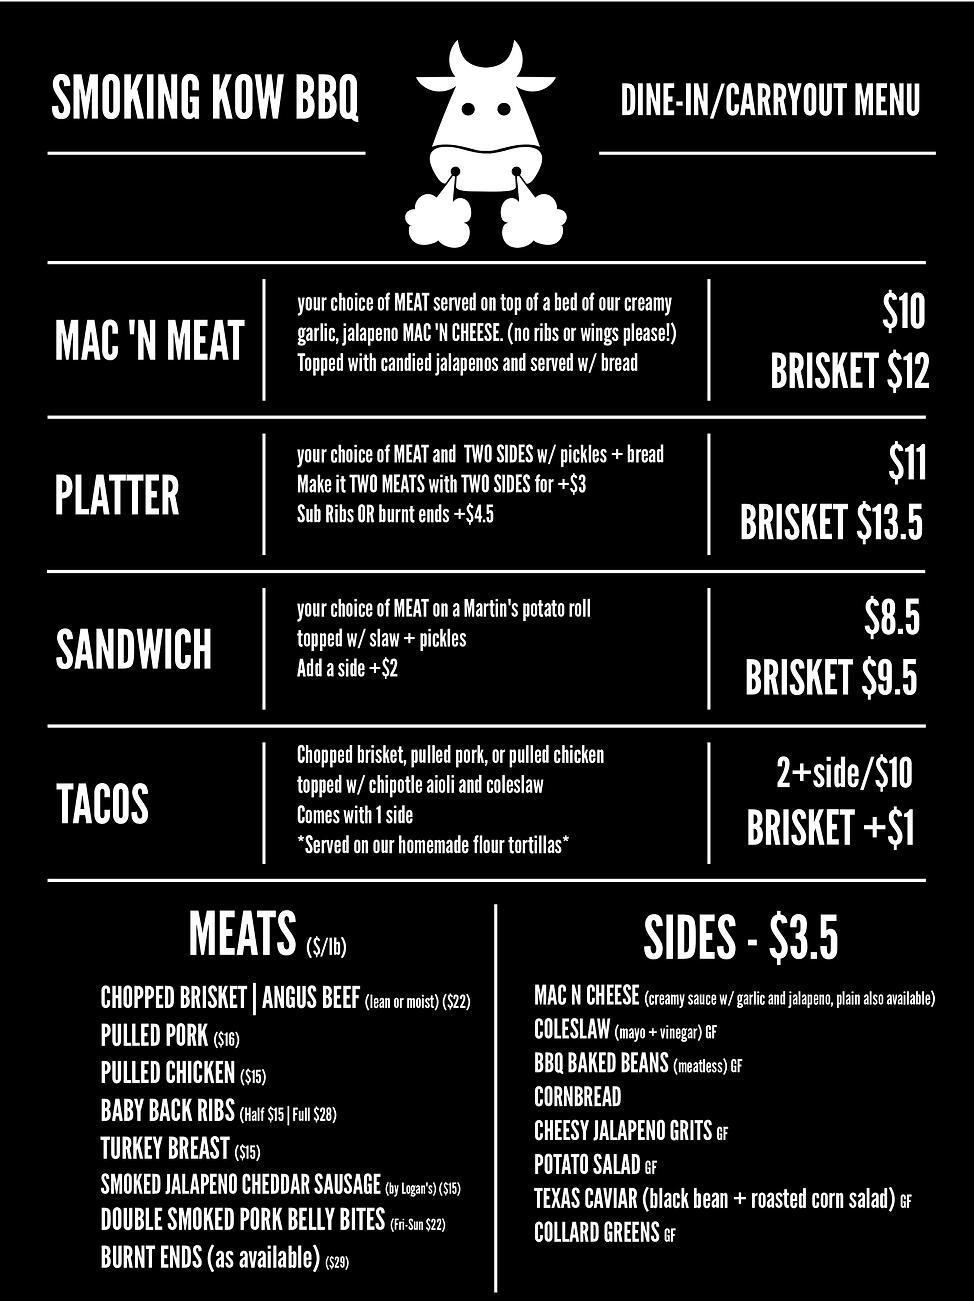 restaurant menu - LEFT 8-3-20 NEW.png